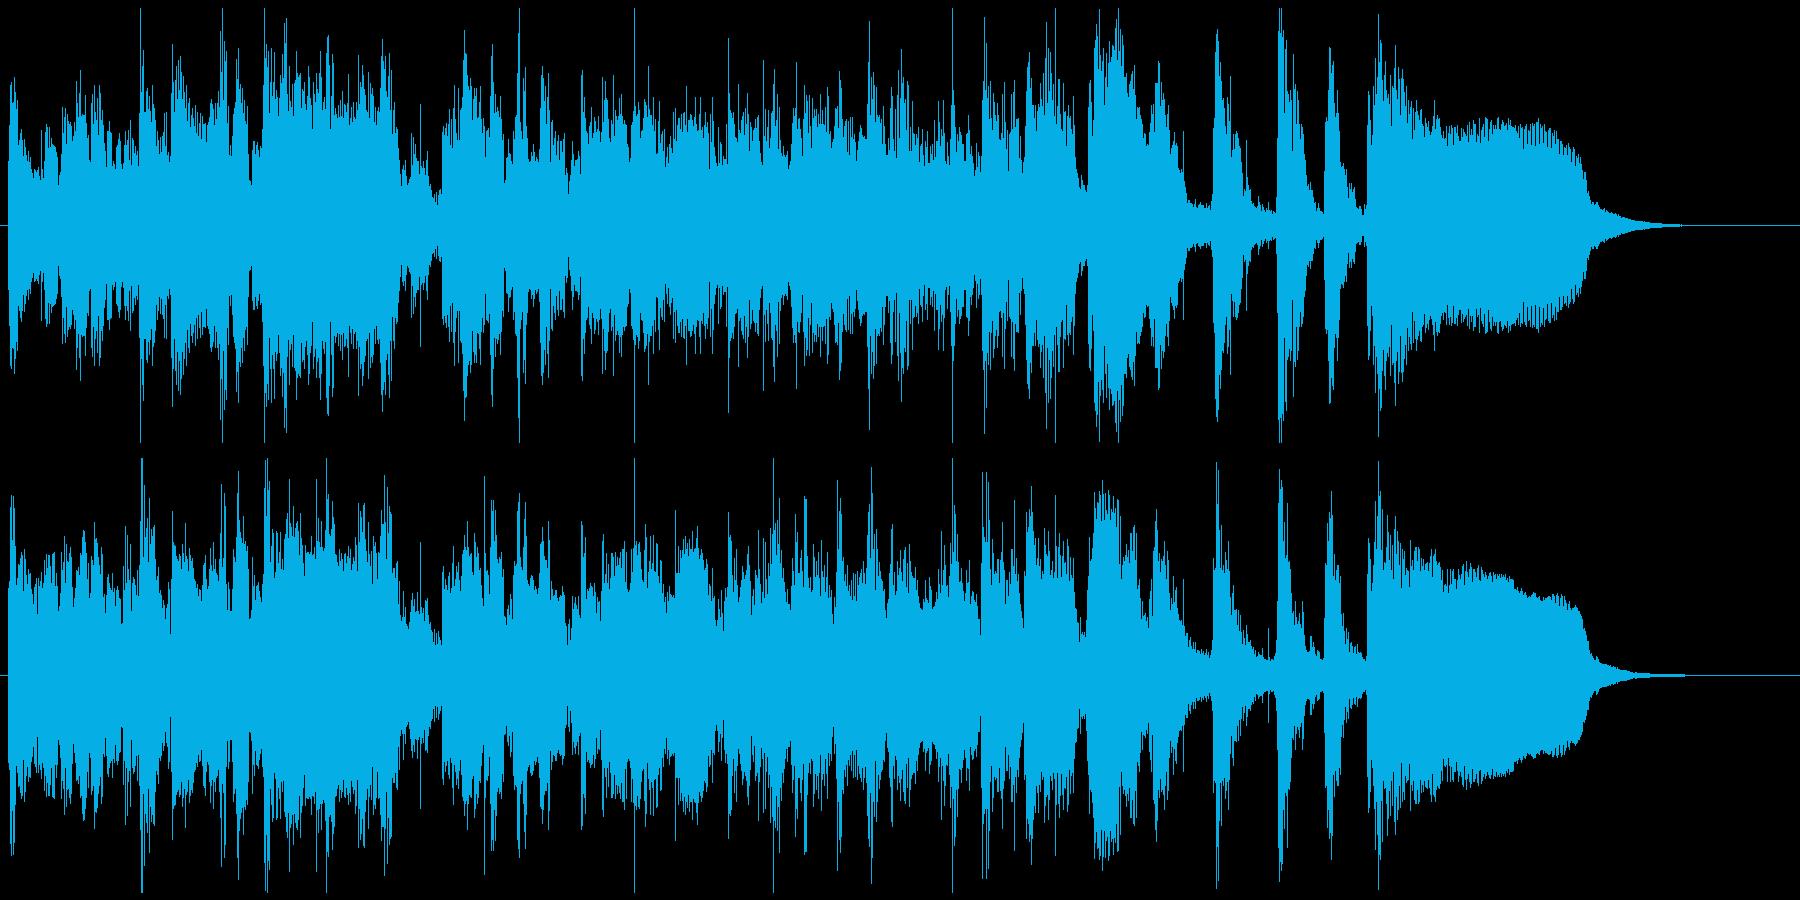 気分爽快で元気な明るいジャズ15秒CM用の再生済みの波形